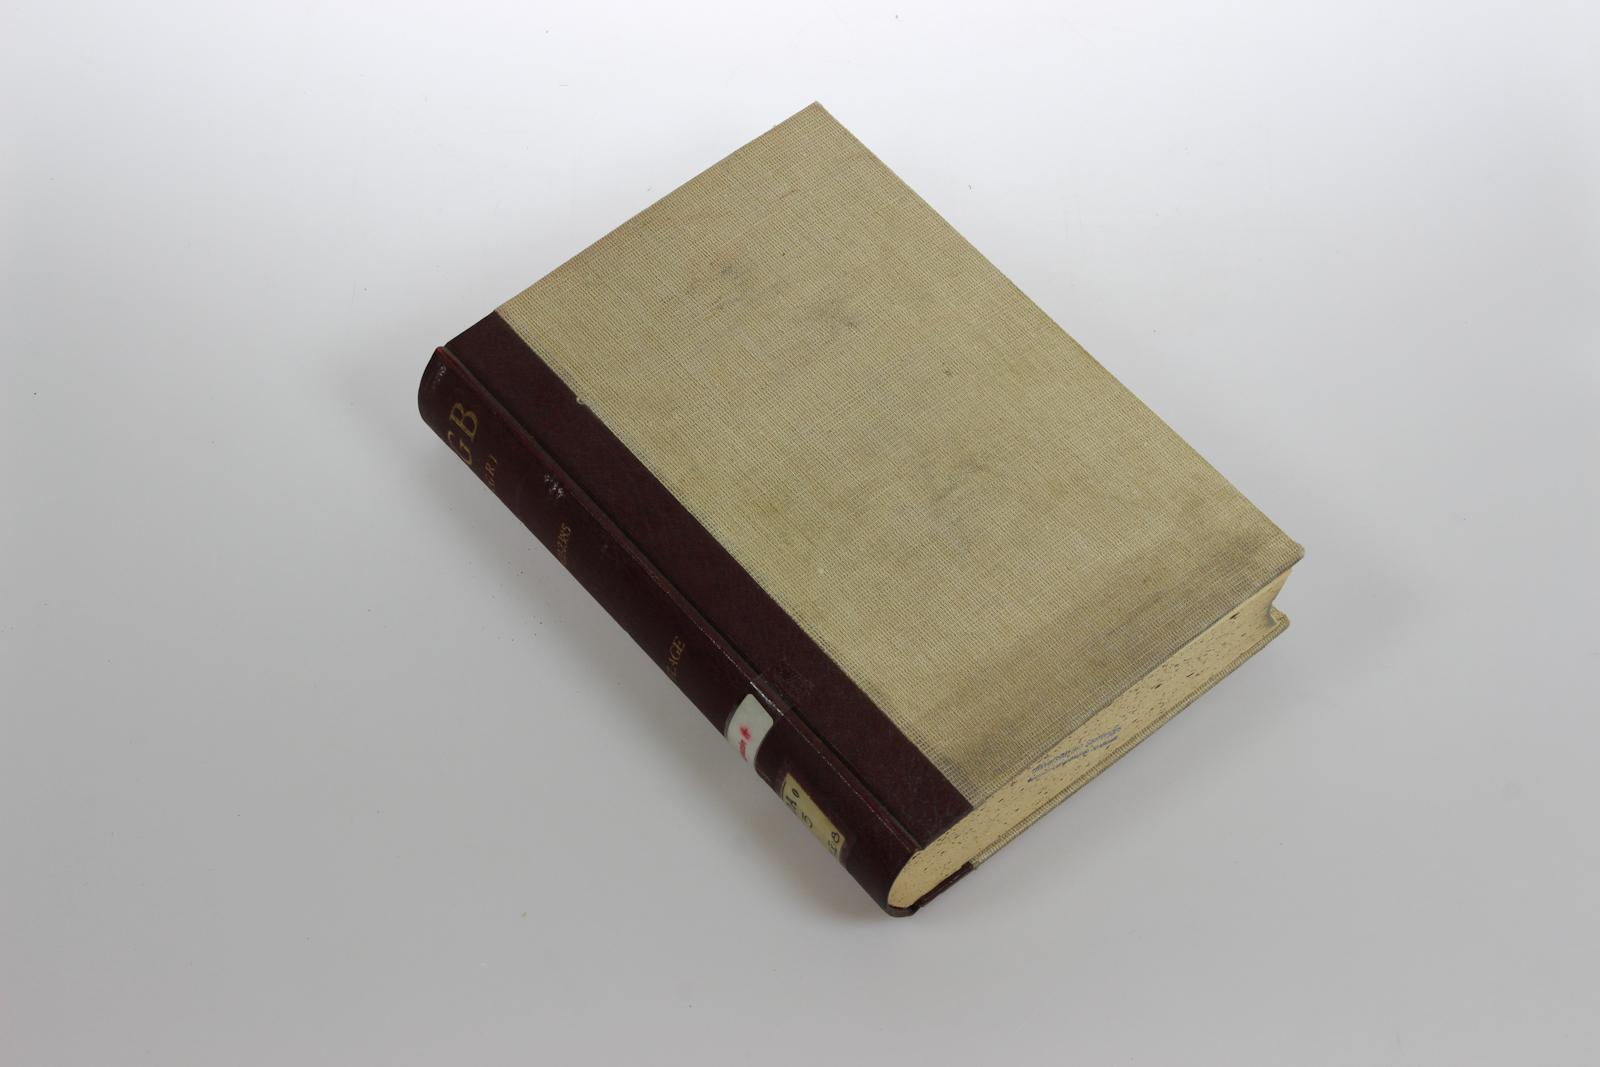 Das Bürgerliche Gesetzbuch. Mit besonderer Berücksichtigung der Rechtsprechung des Reichsgerichts. Band 5: Erbrecht §§ 1922-2385. 8. Aufl.